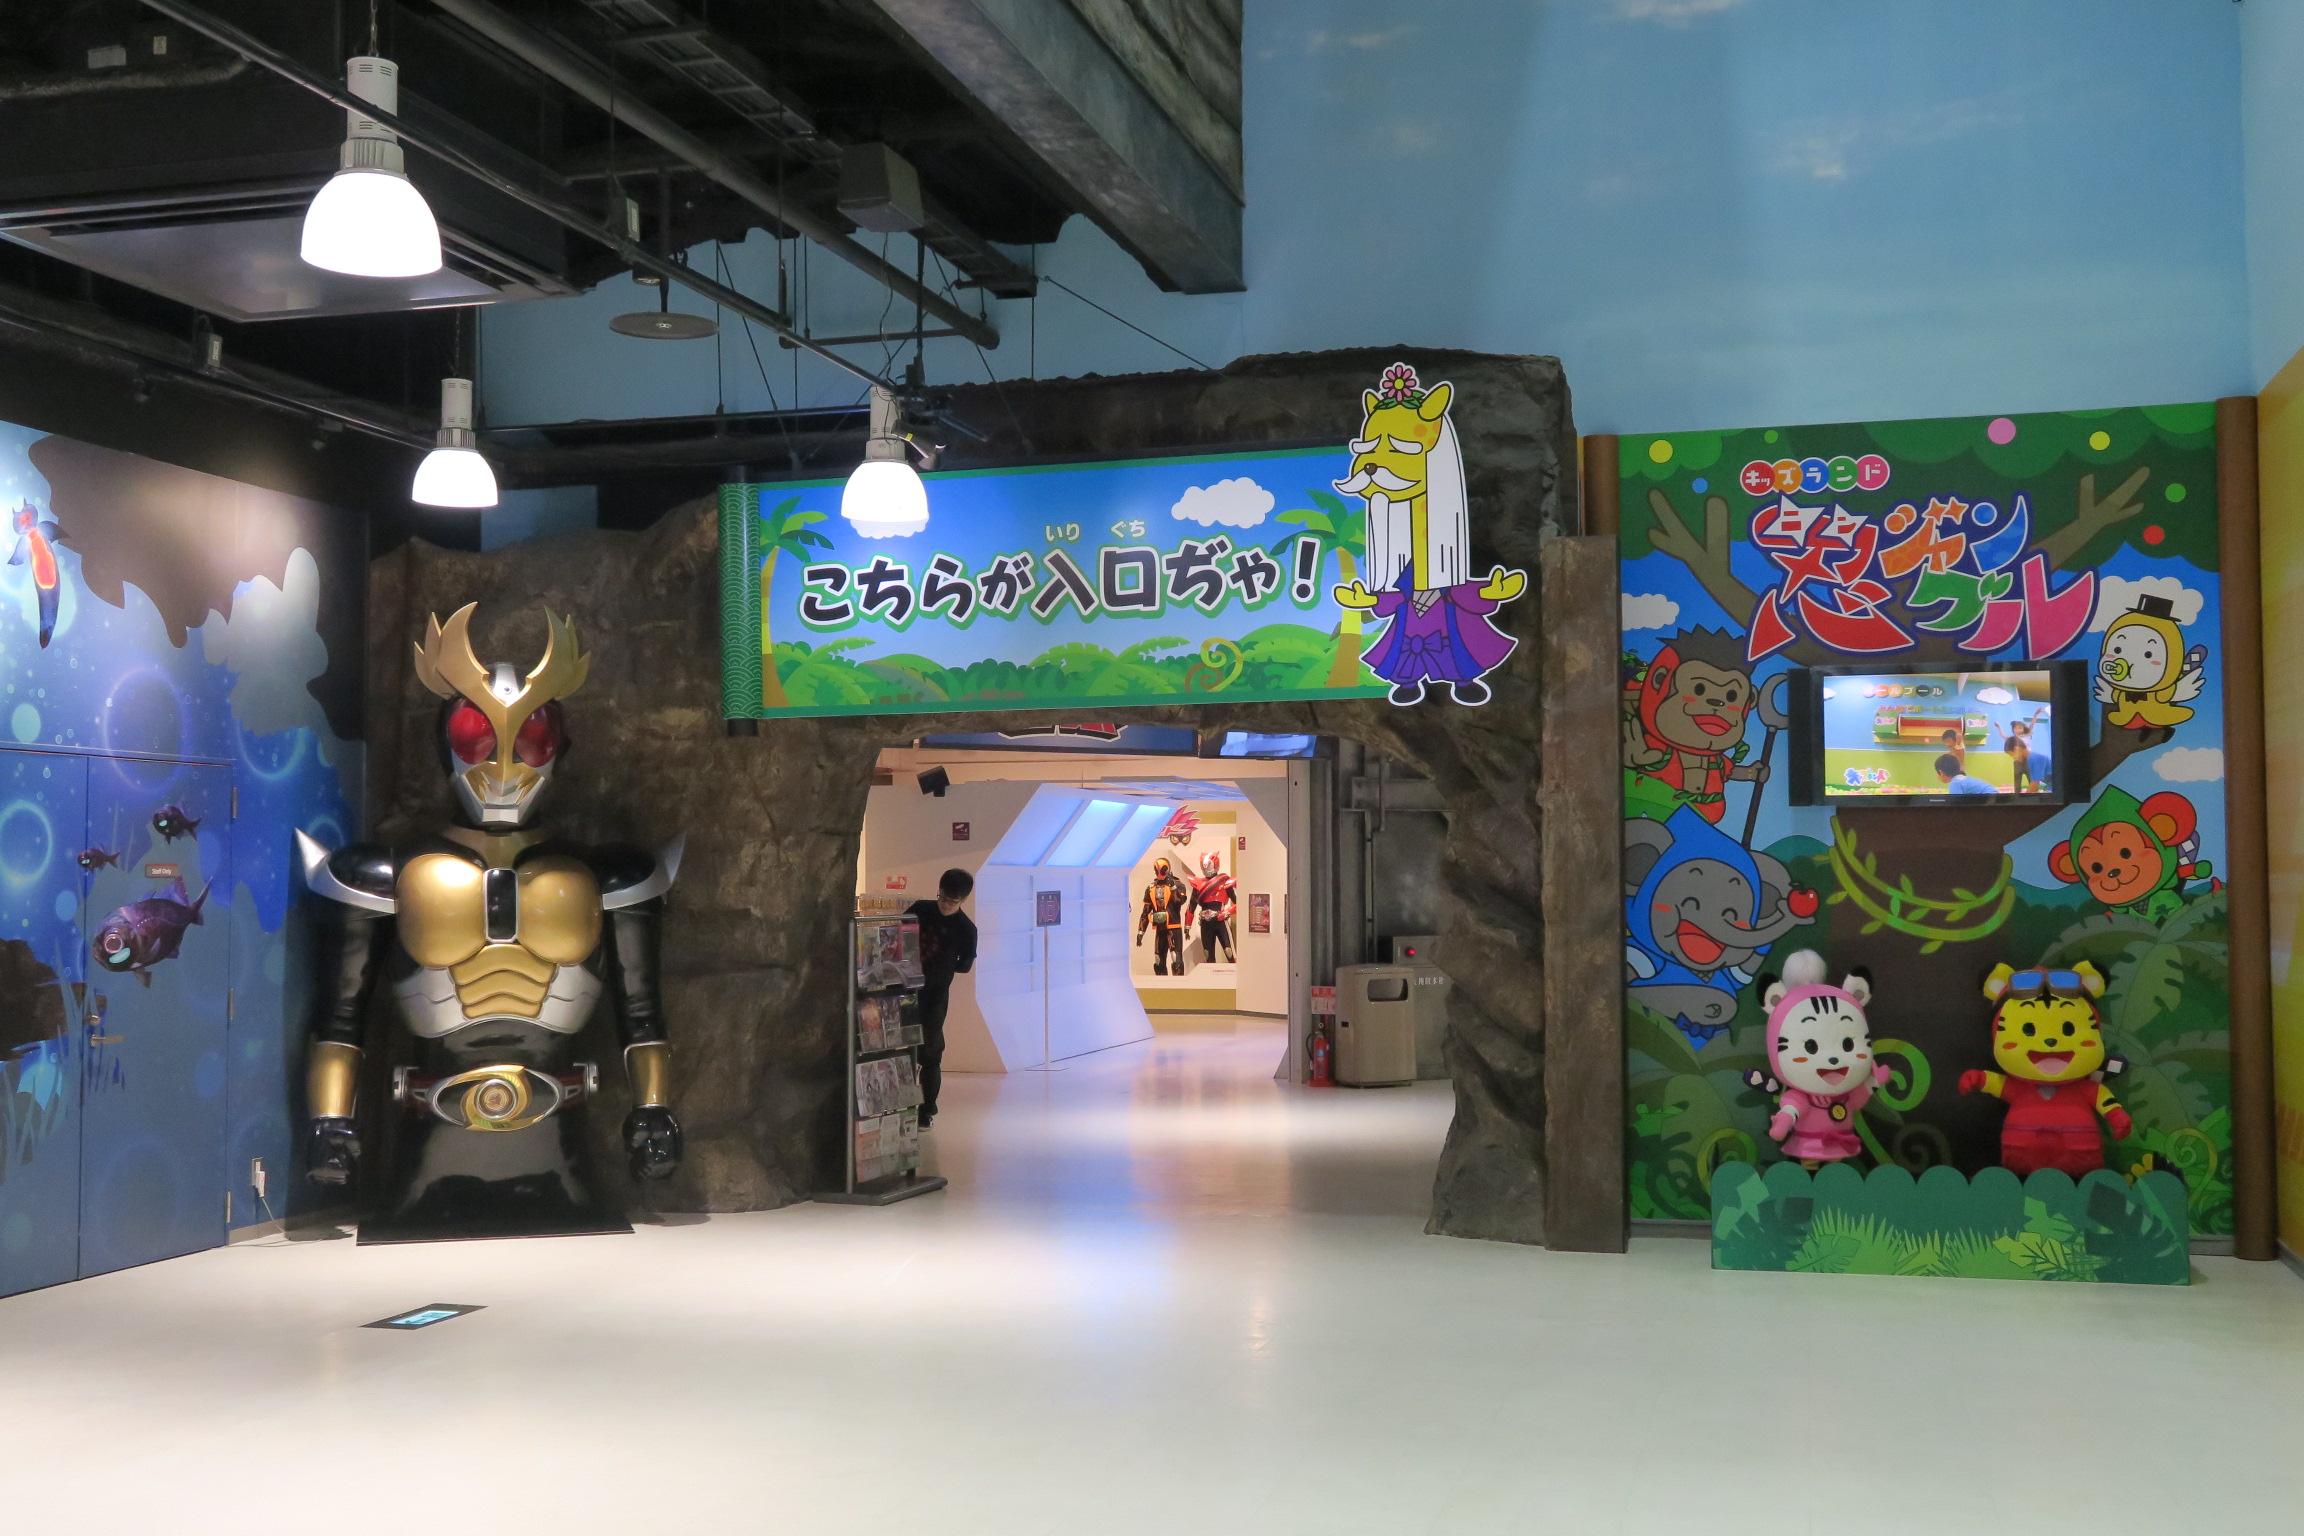 仮面ライダー×スーパー戦隊が展示されているヒーローランド。